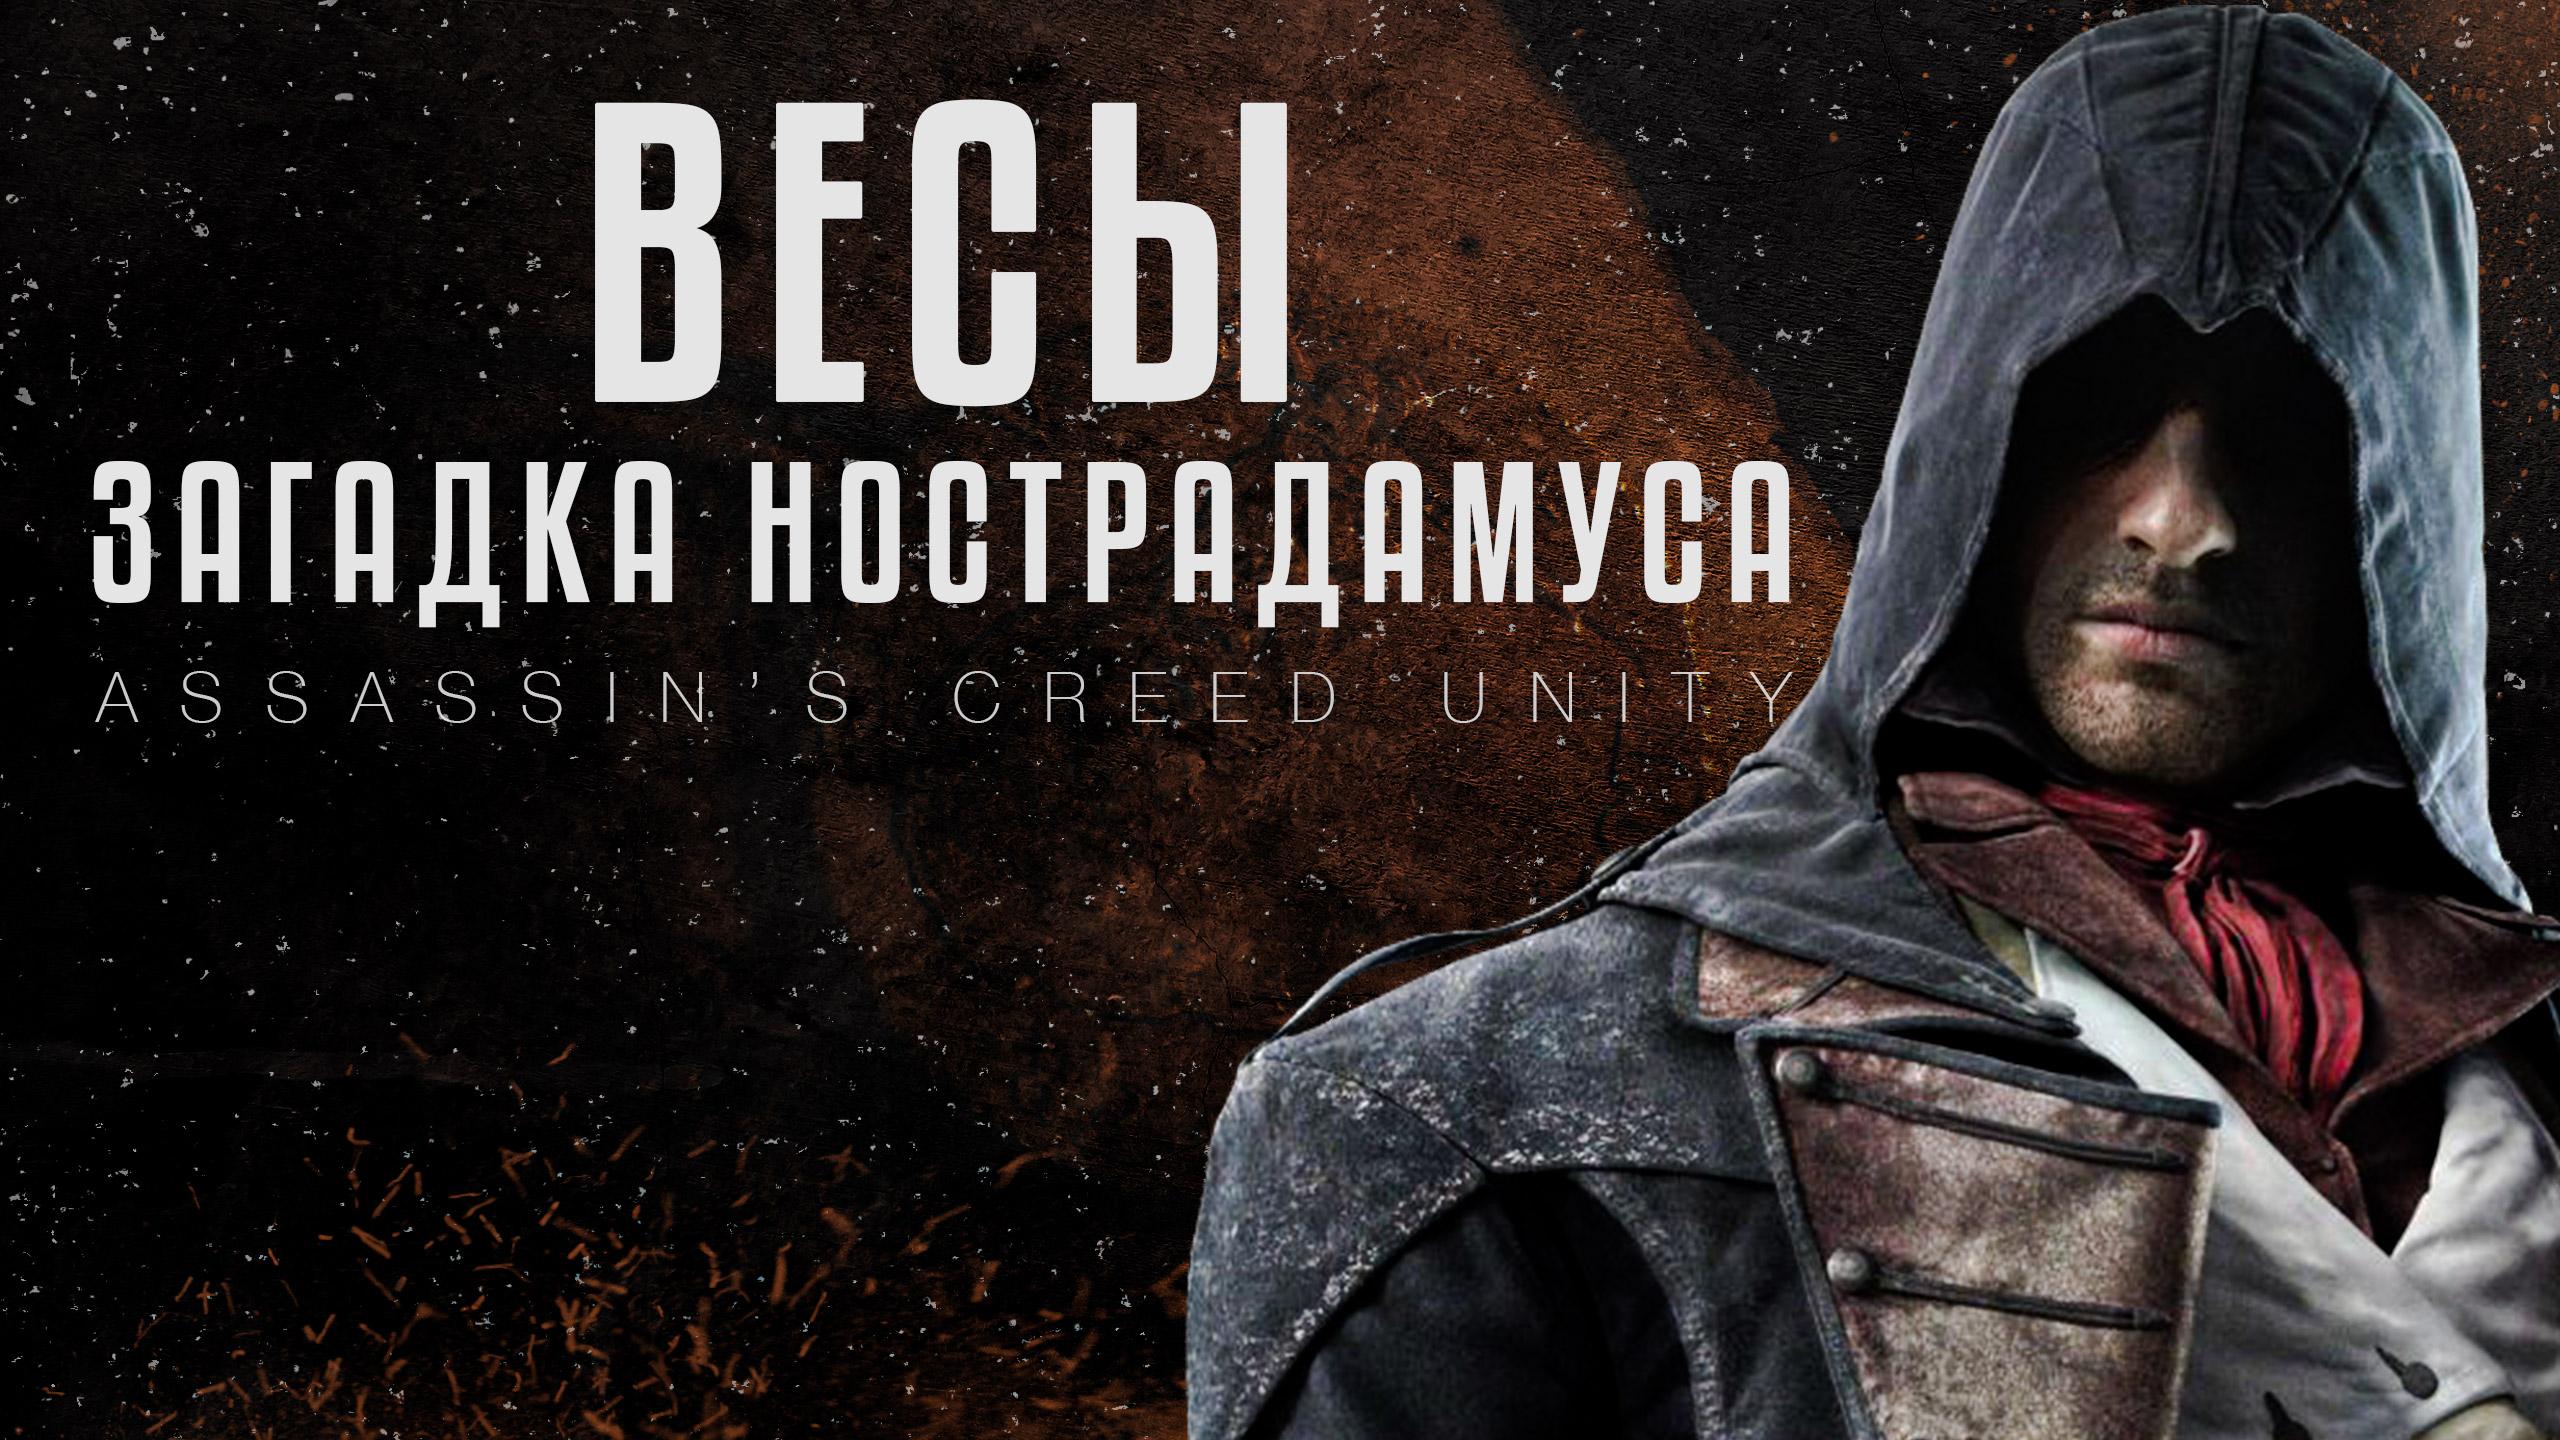 Загадка Нострадамуса в игре Assassin's Creed Unity (Весы)